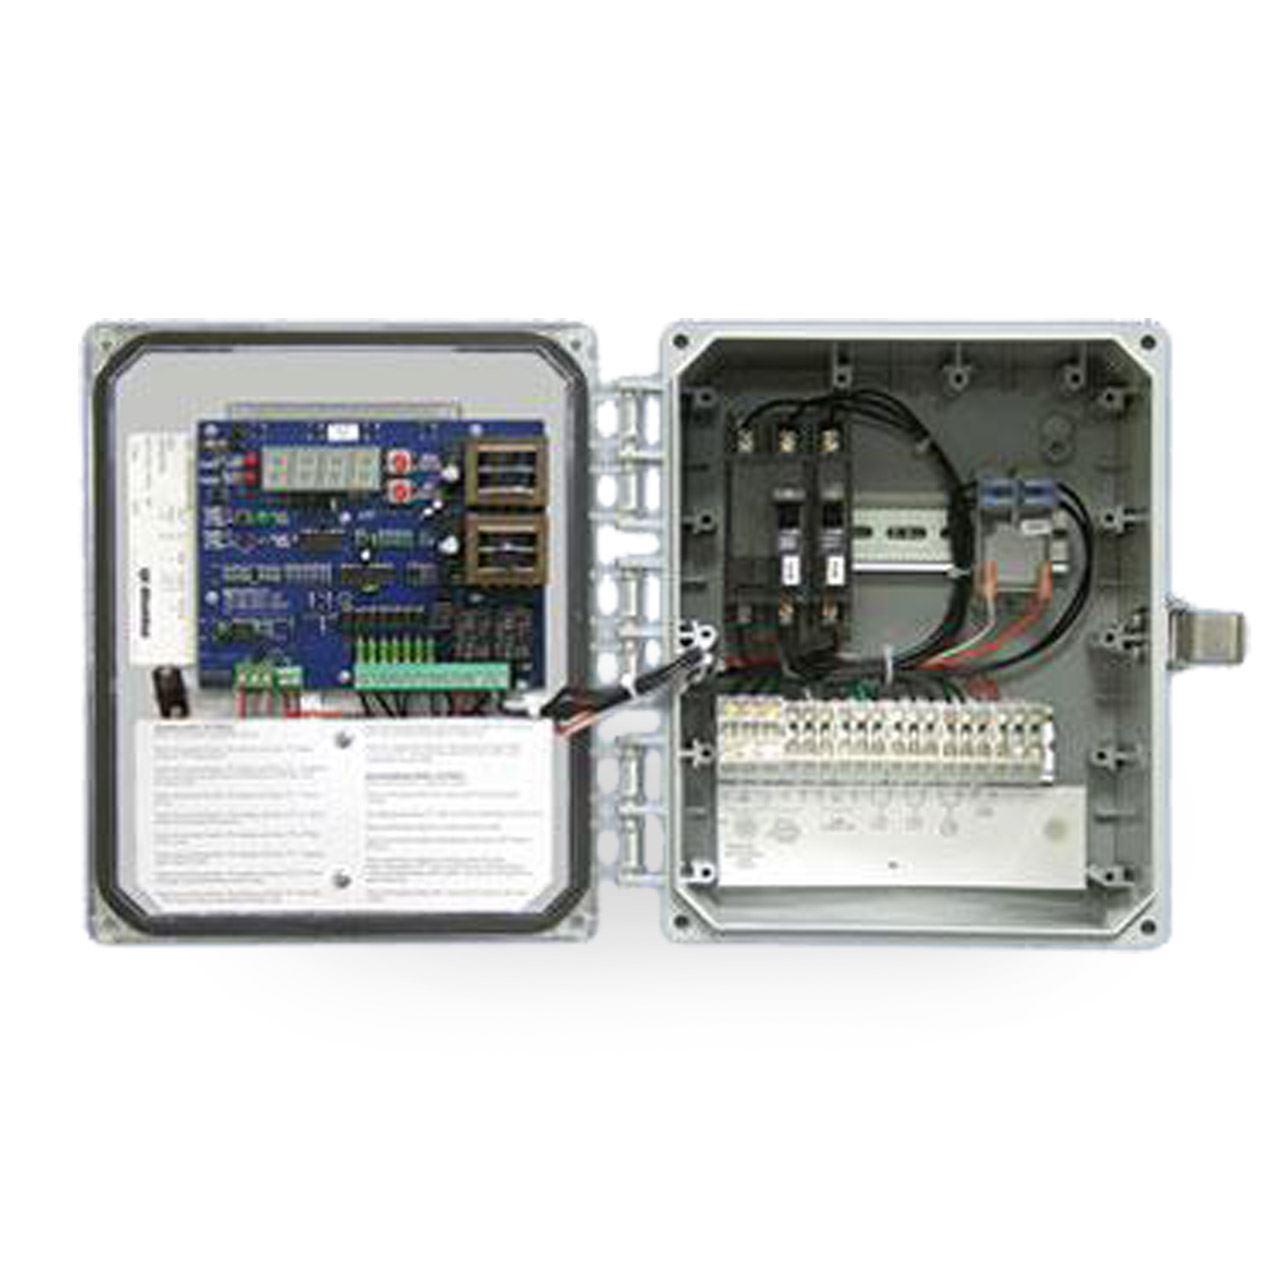 ez_series_w?bw=250&bh=250 sje rhombus sje rhombus ez series plugger post simplex pump tank alert ez wiring diagram at fashall.co